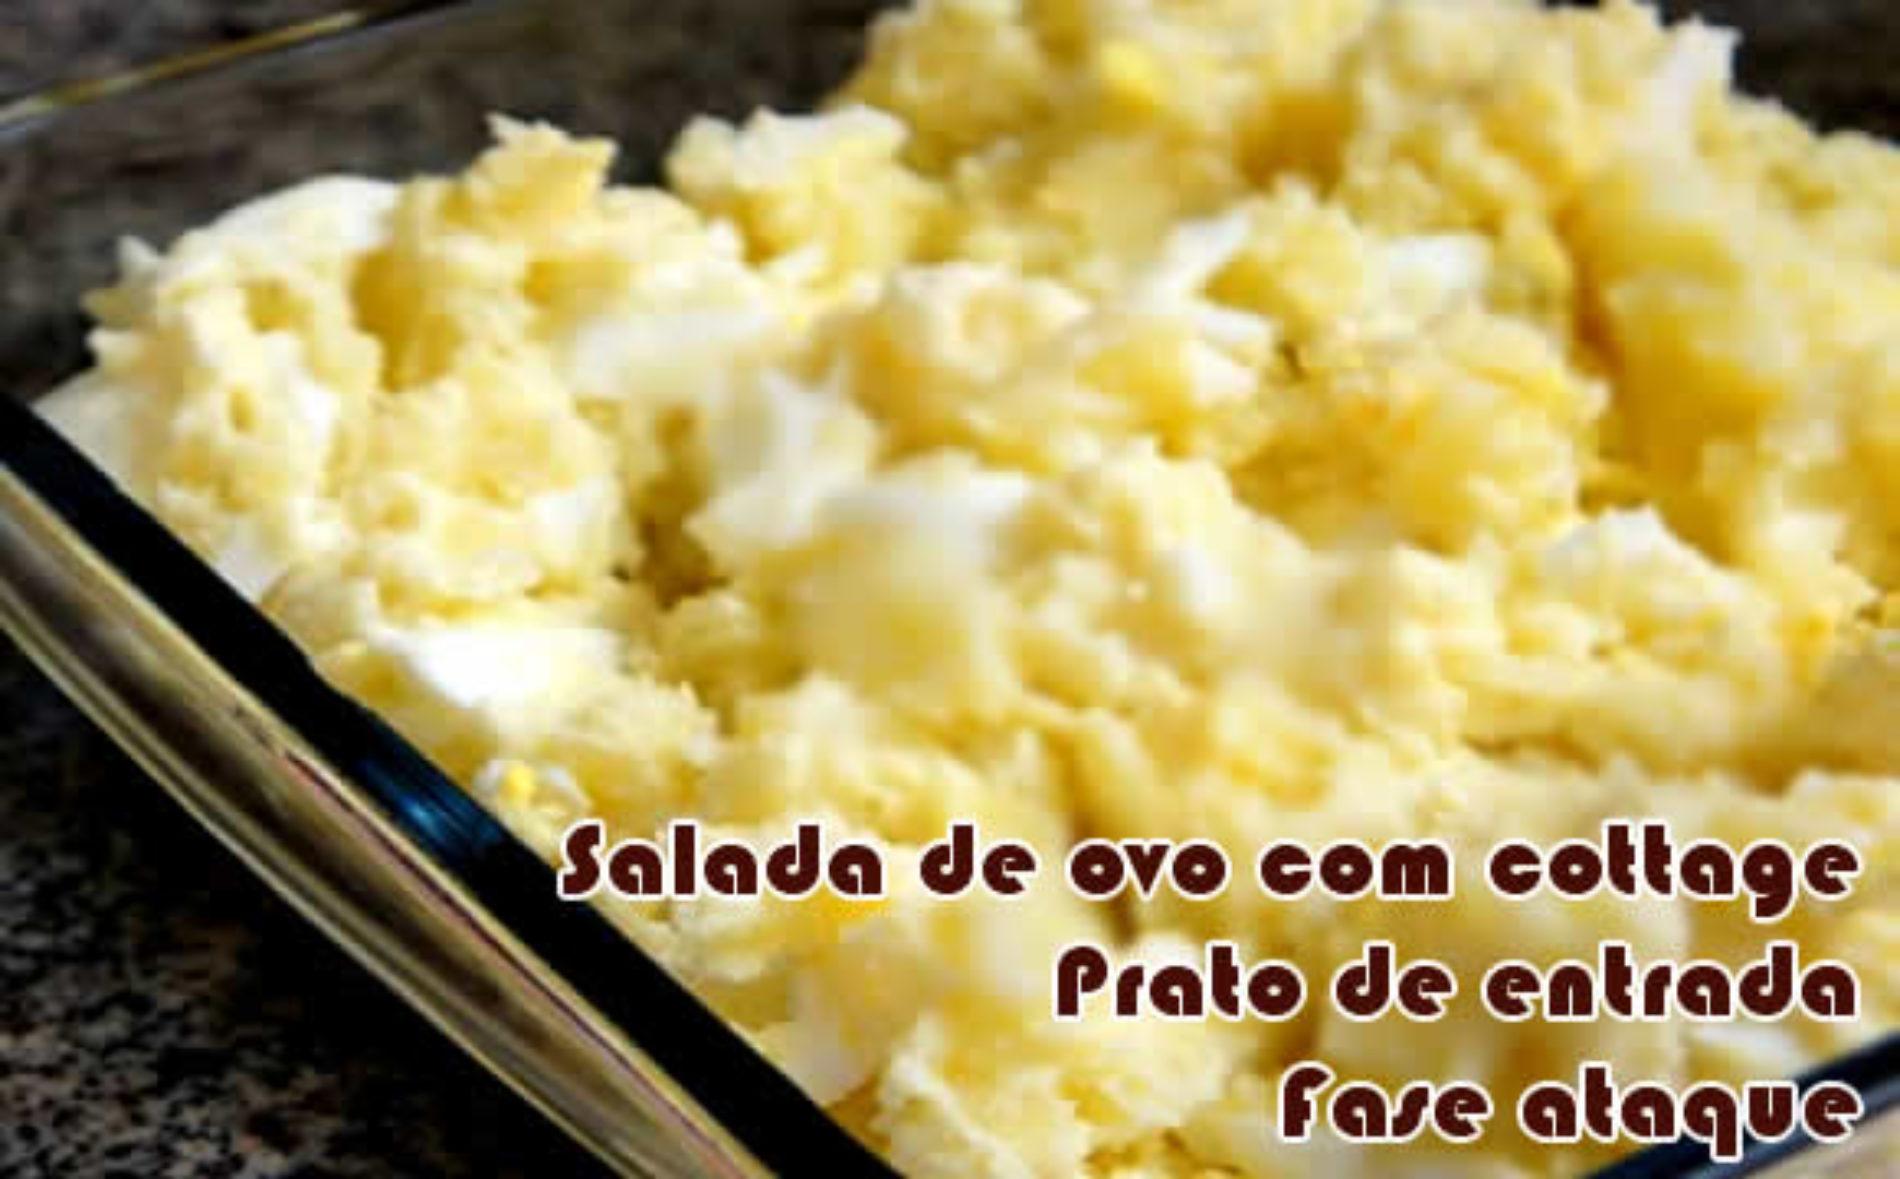 Salada de ovos com cottage – Receitas dukan